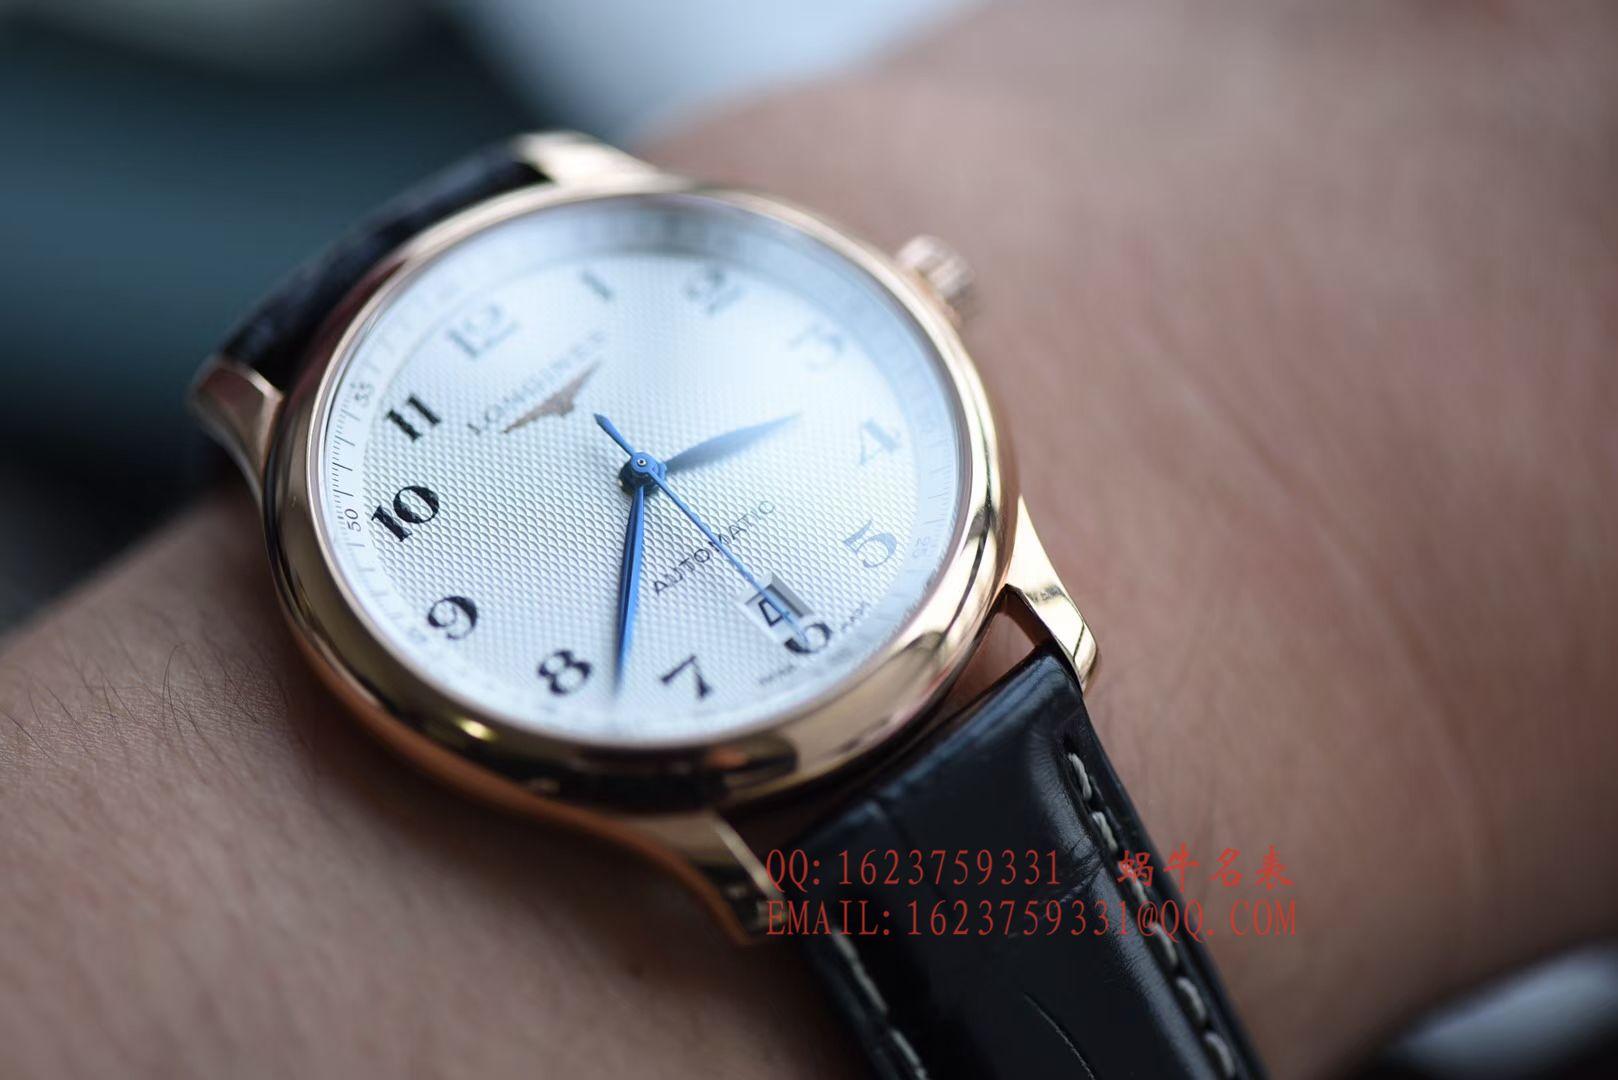 【独家视频评测KZ一比一超A高仿手表】浪琴名匠系列L2.628.6.78.3玫瑰金腕表 / L095